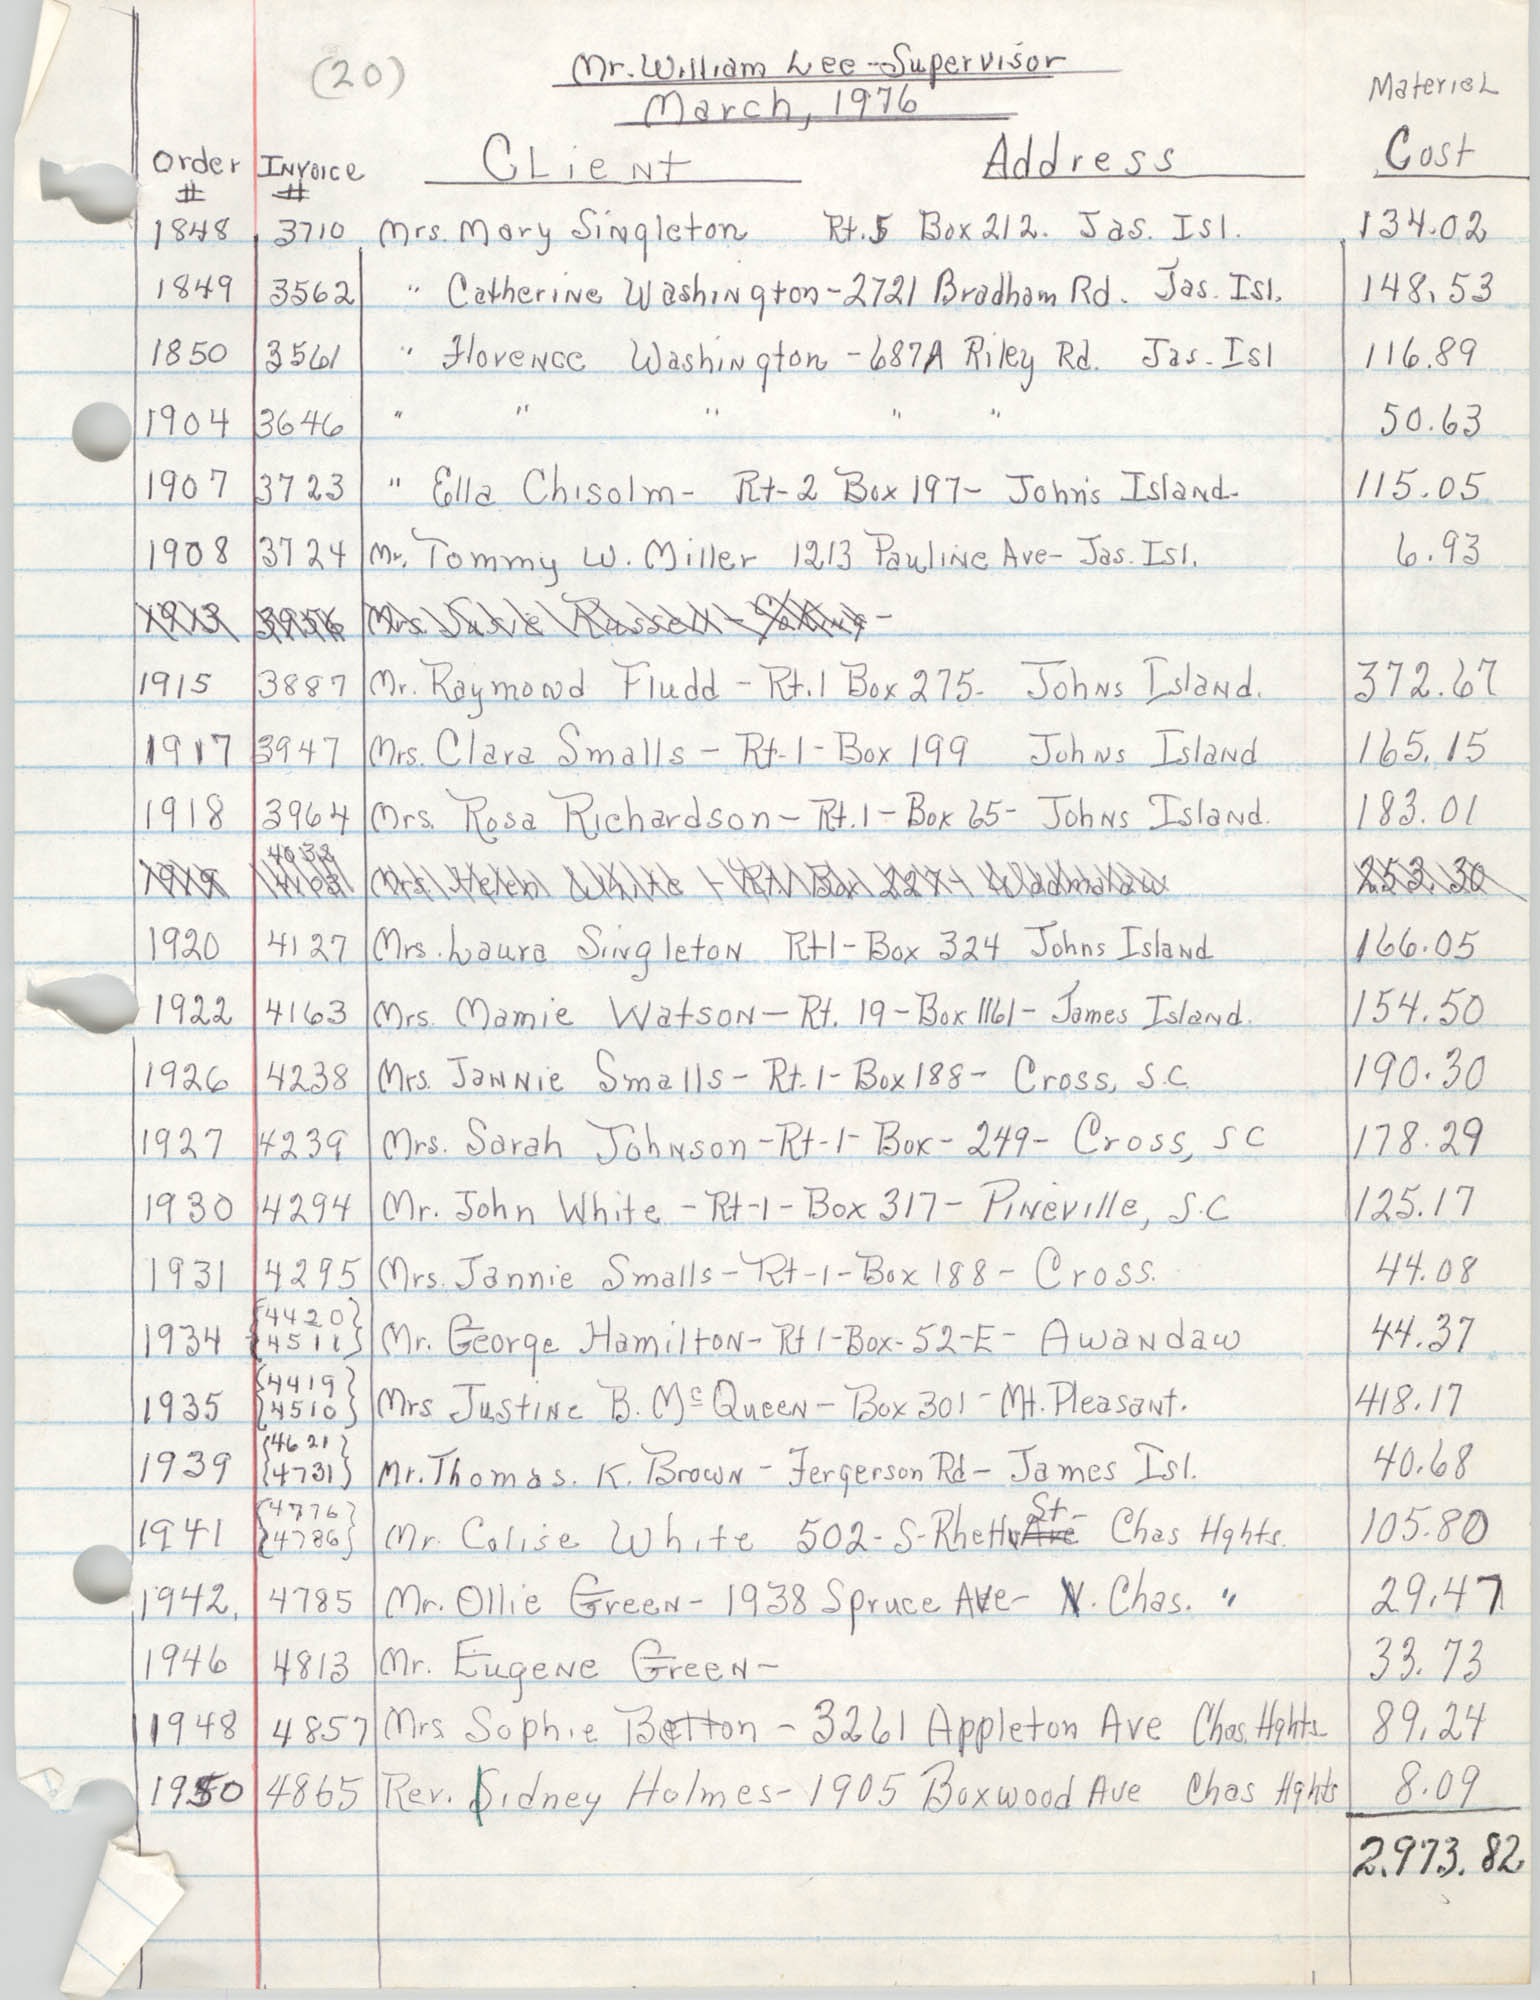 COBRA Chore Services, March 1976, Client List